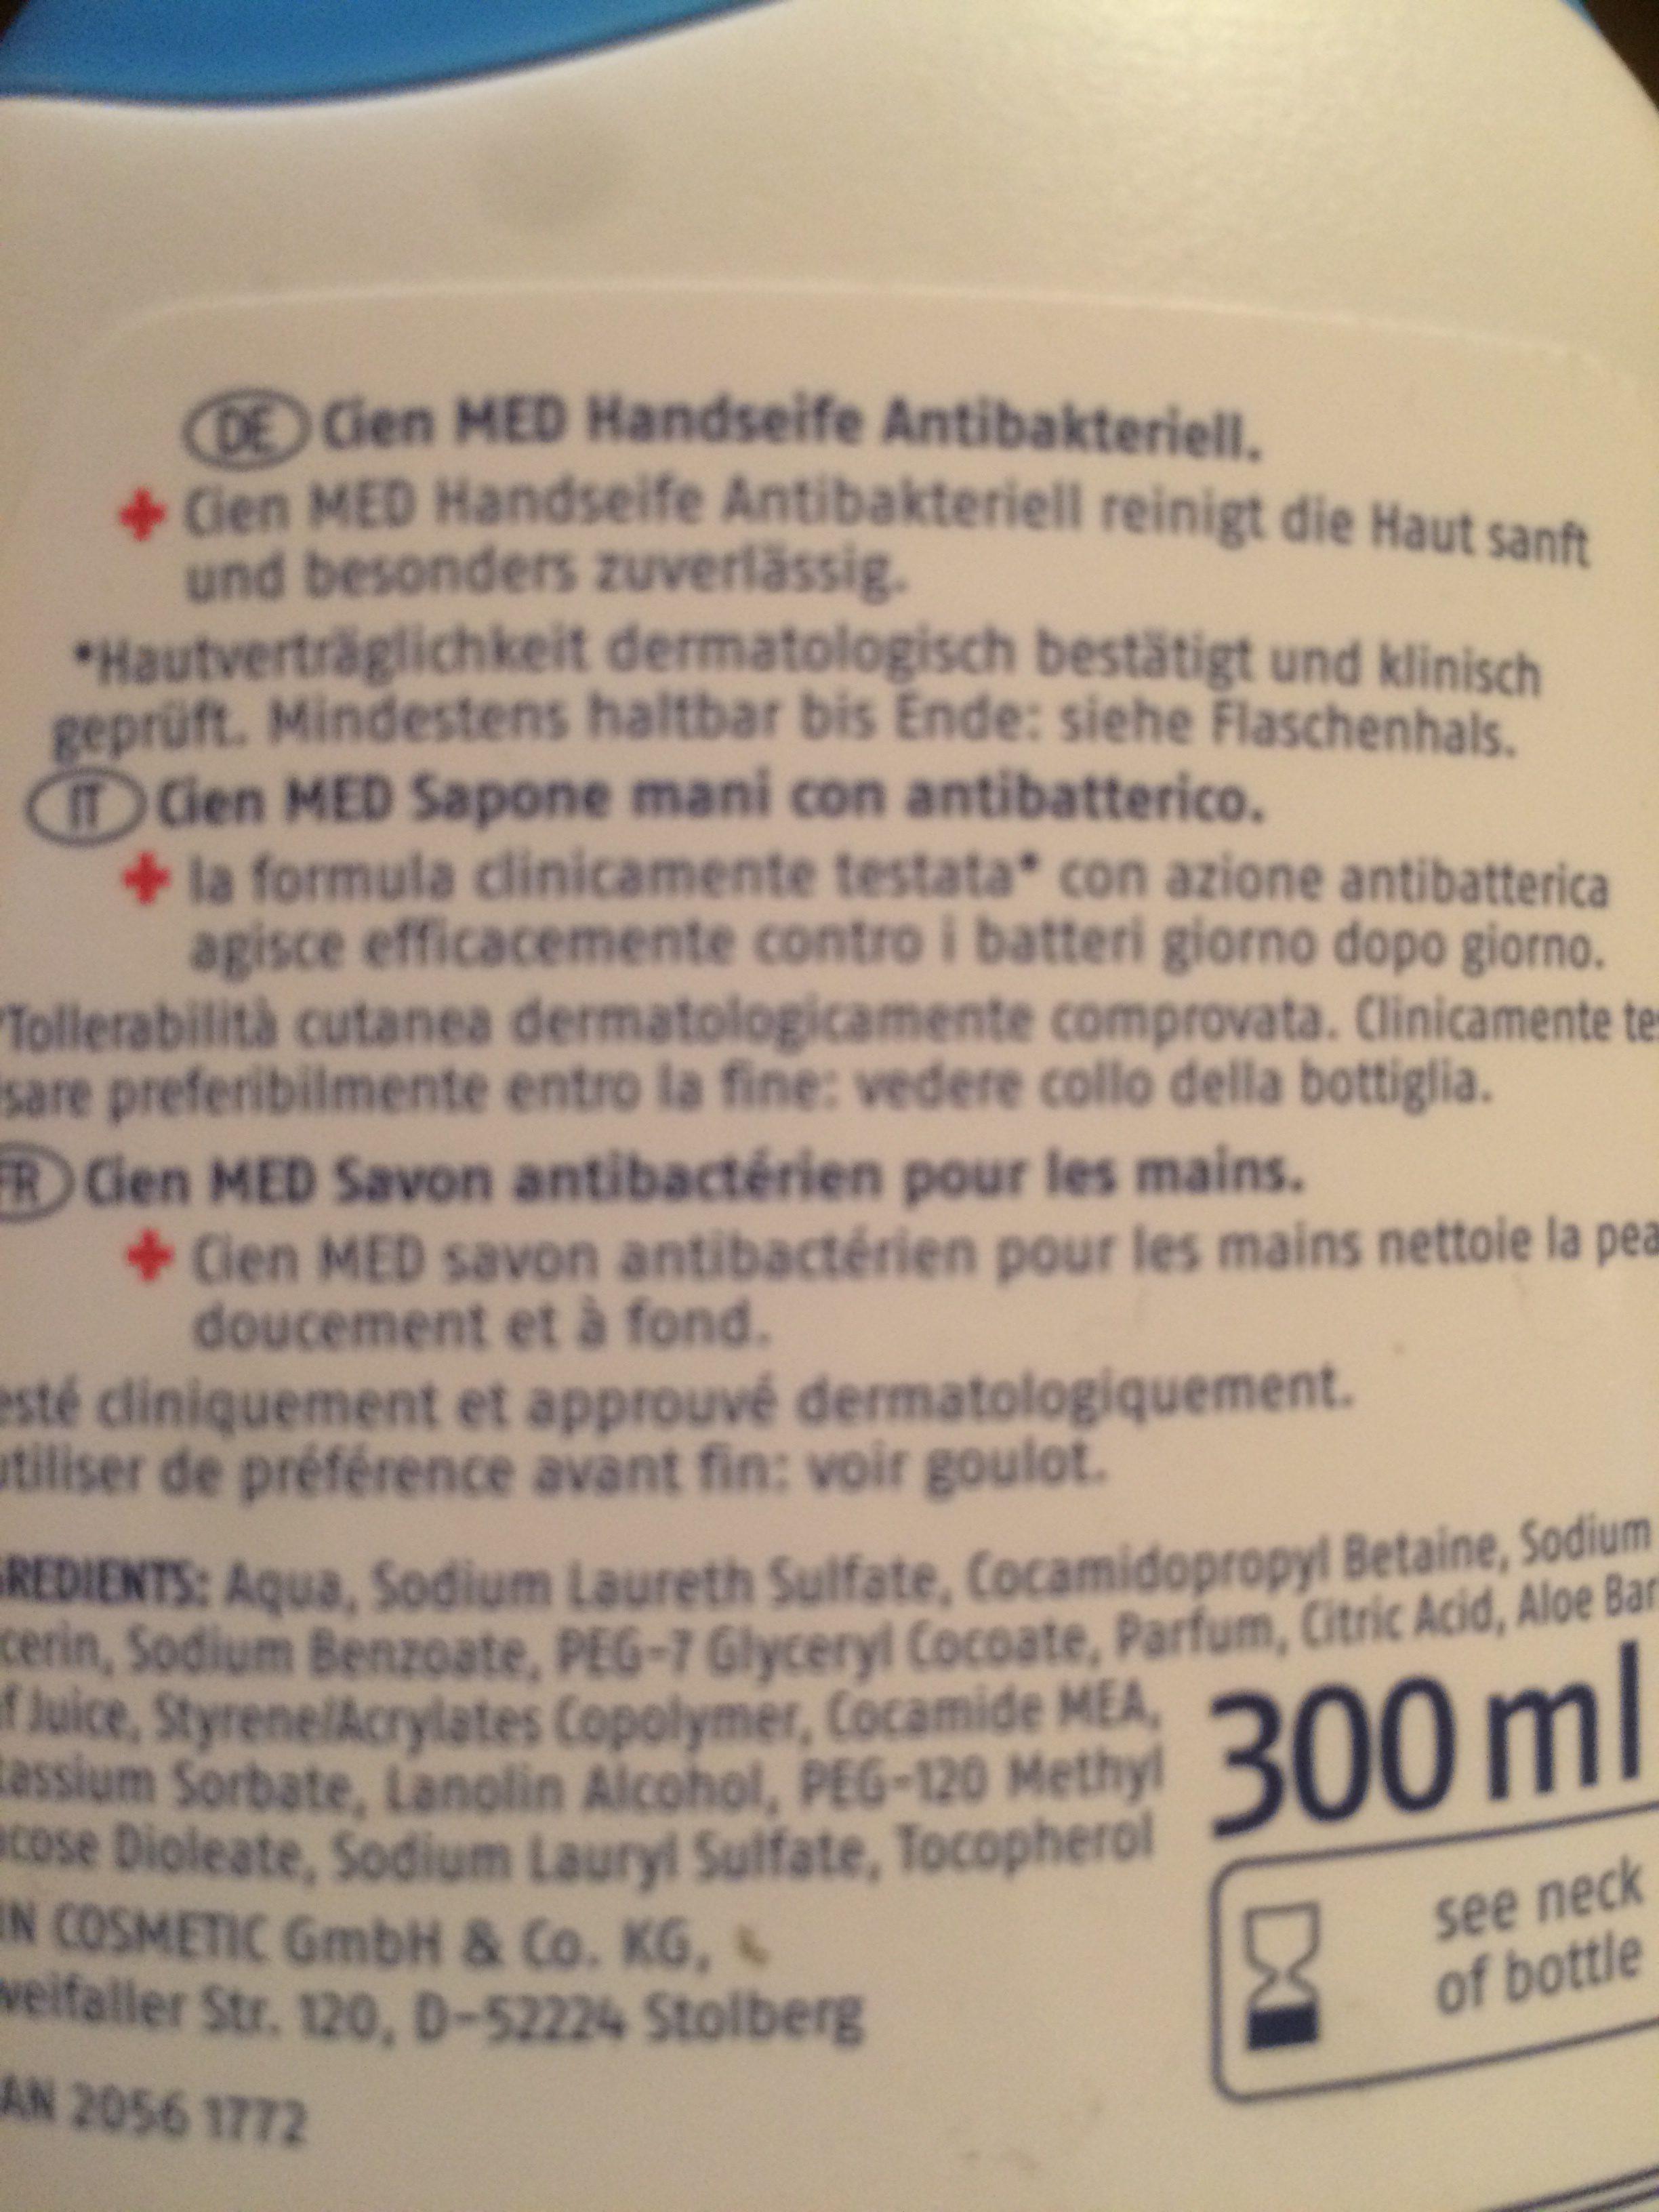 Cien Med Handseife Antibakteriell - Ingredients - fr